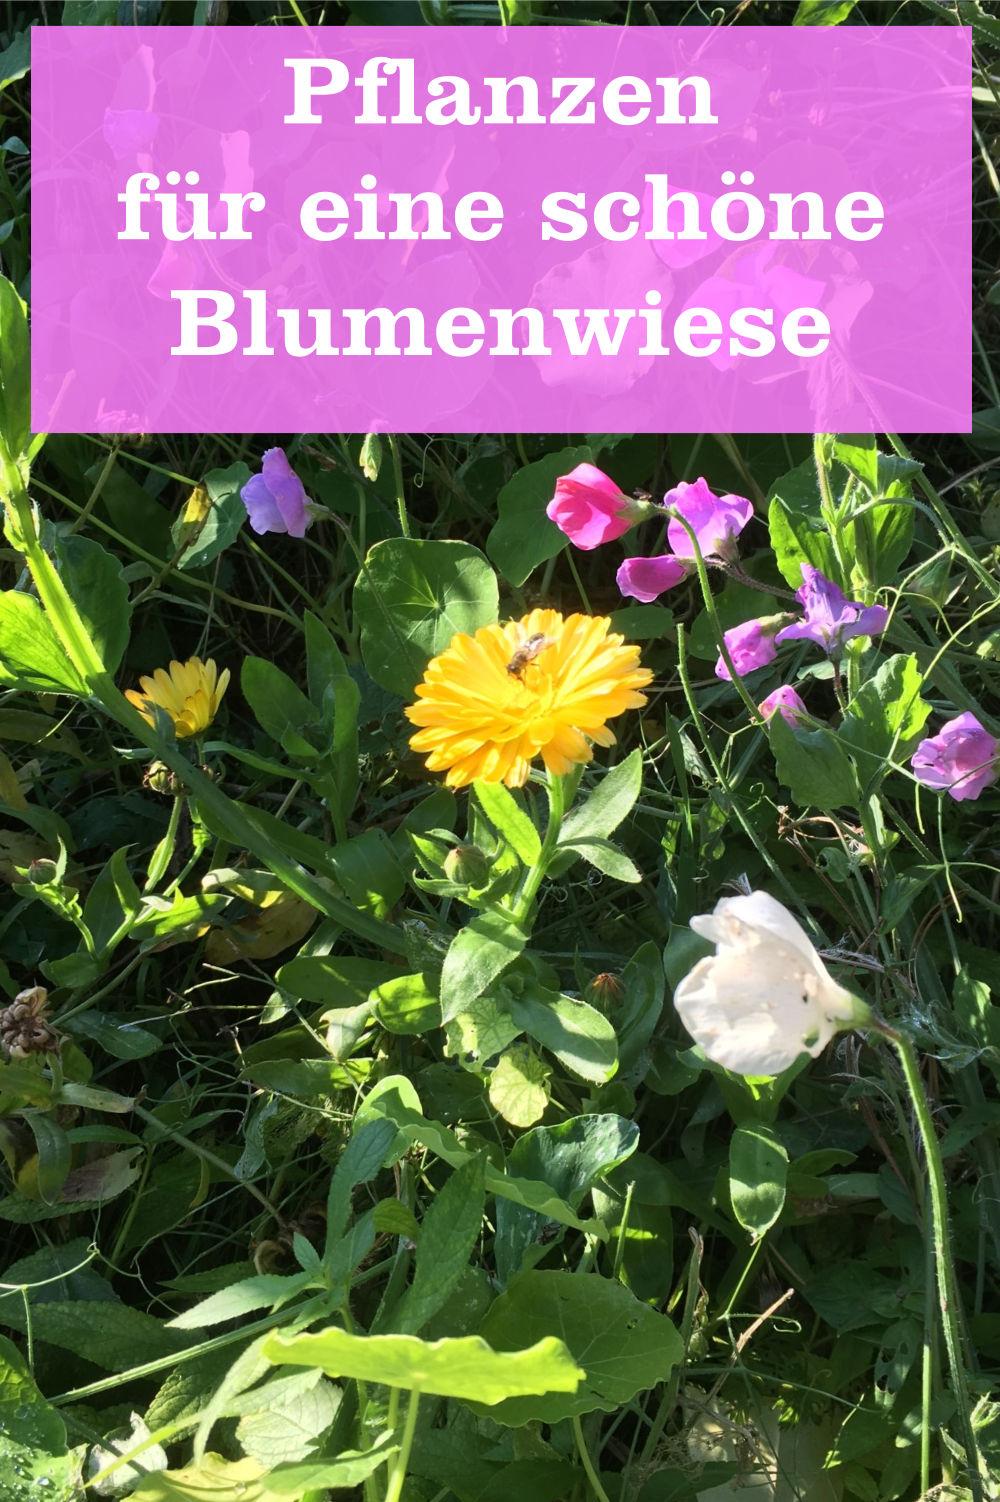 Pflanzen Blumenwiese